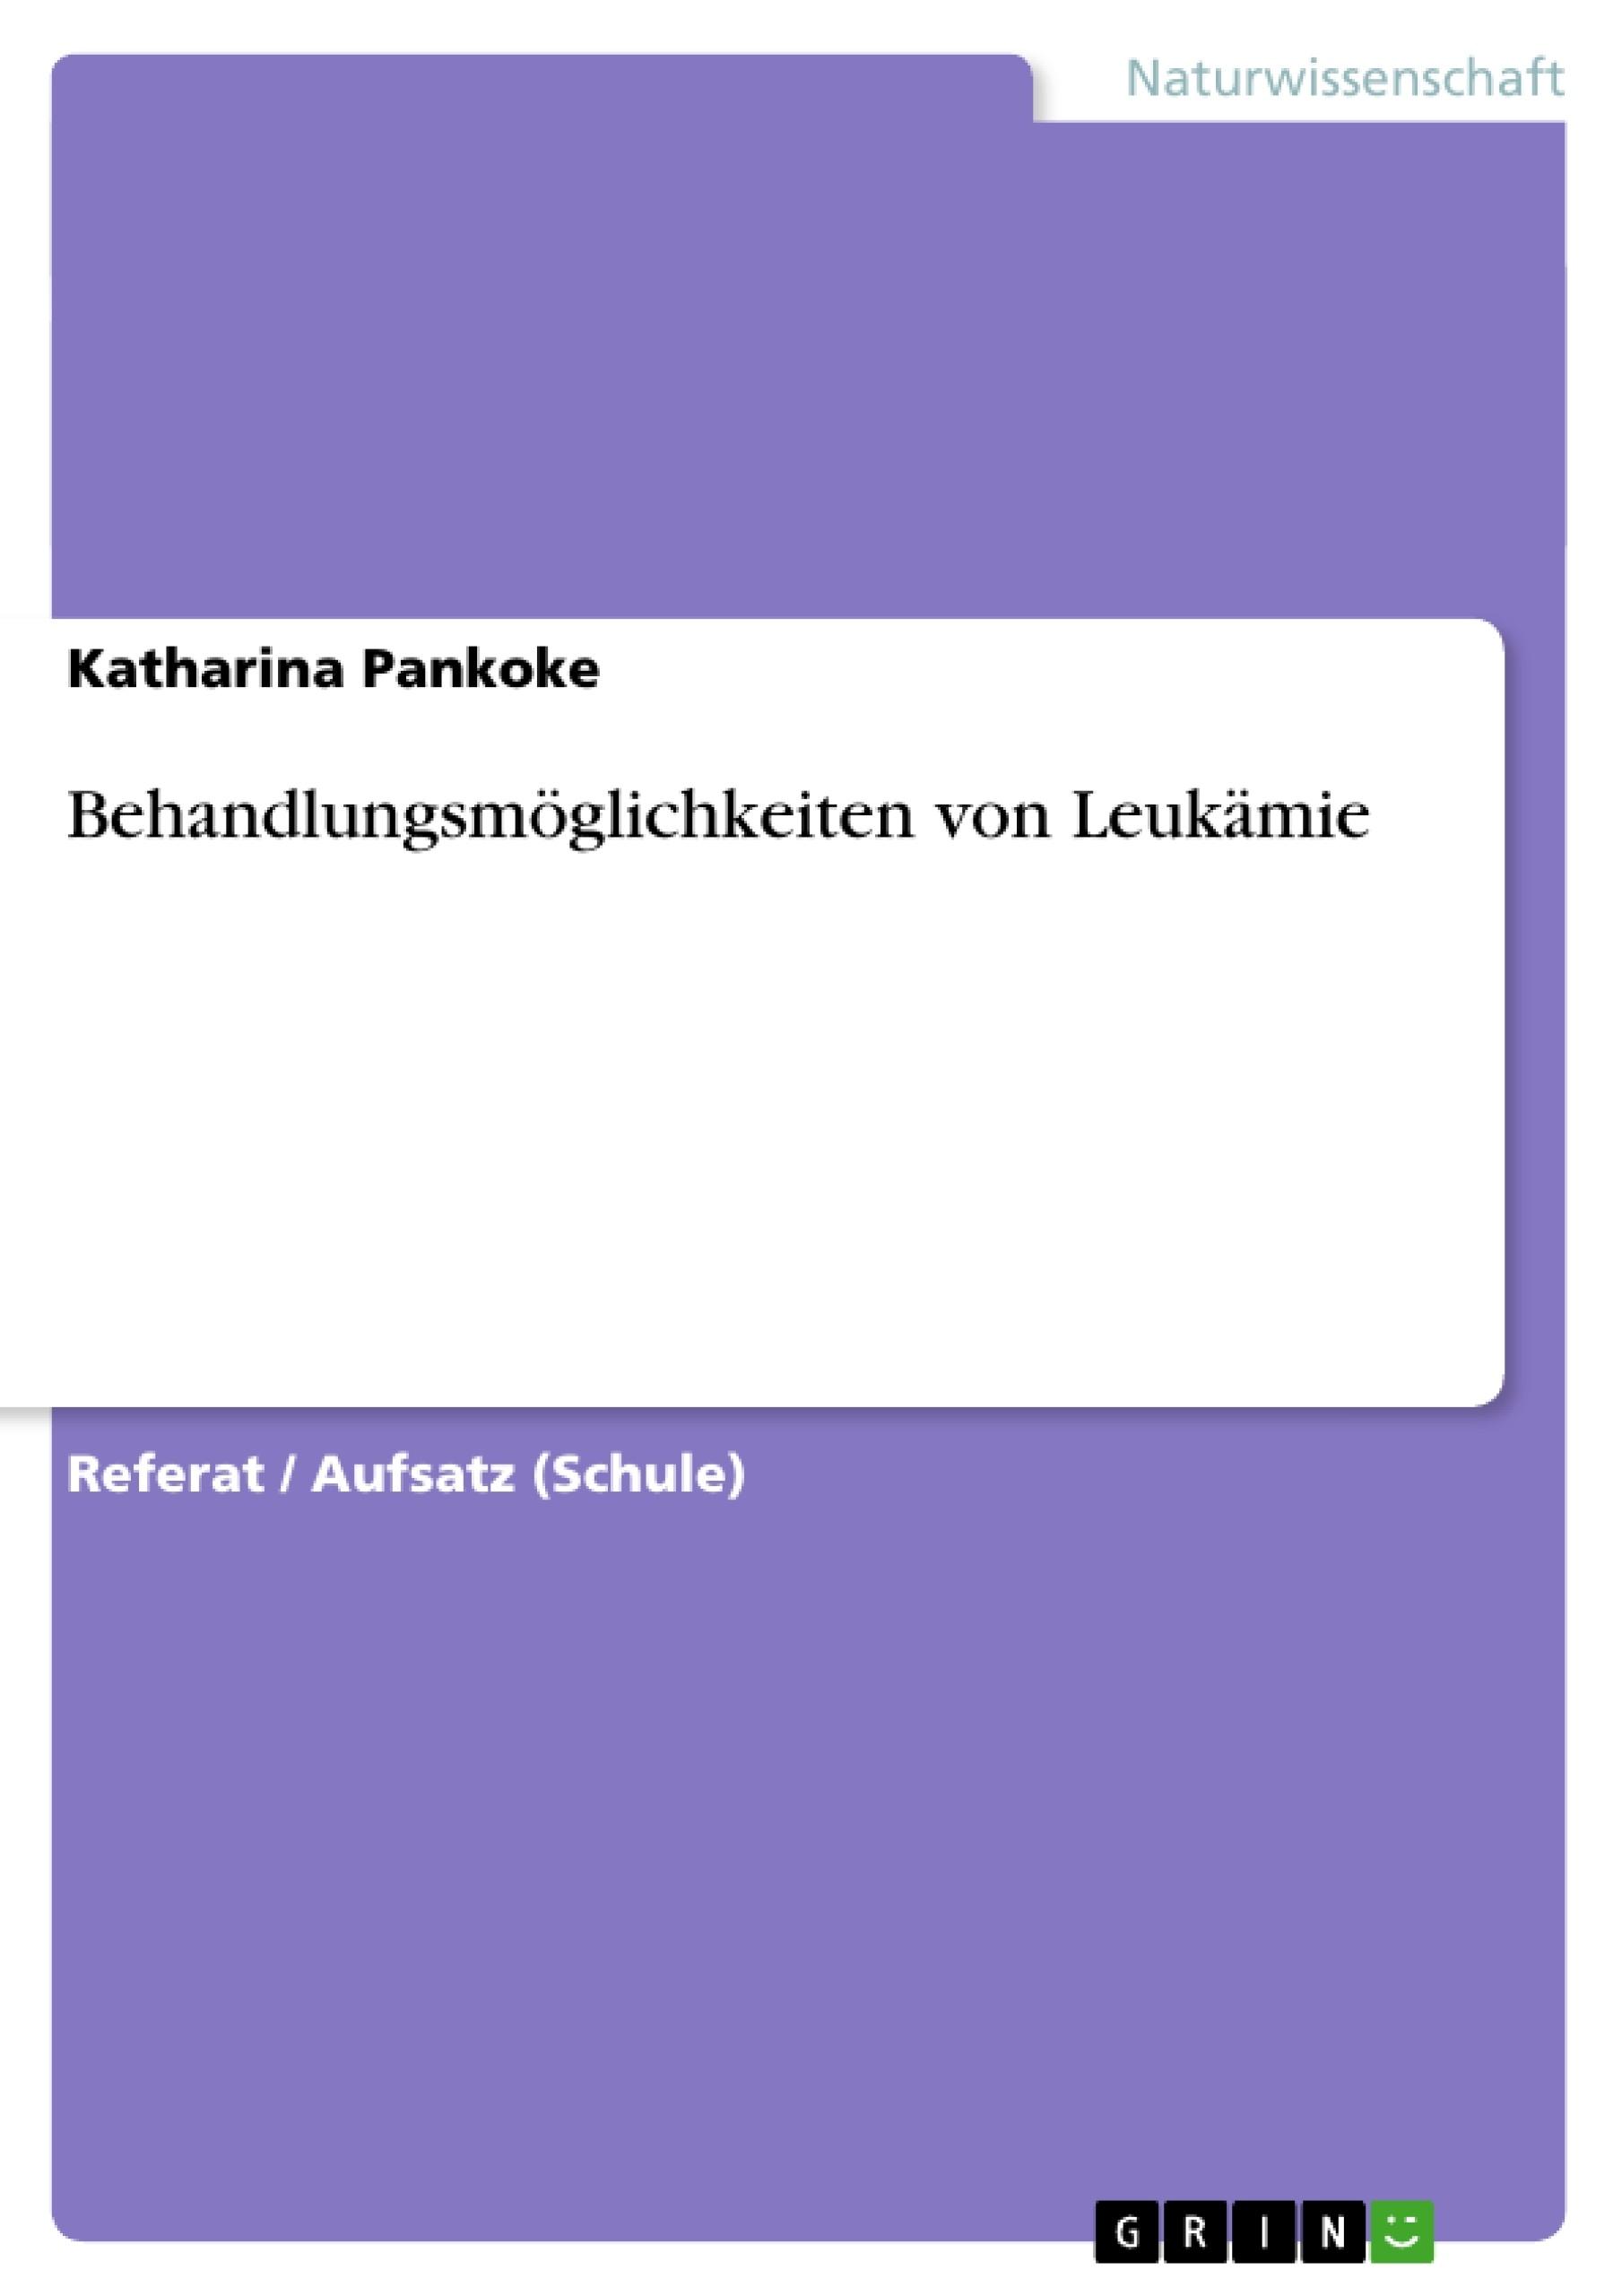 Titel: Behandlungsmöglichkeiten von Leukämie